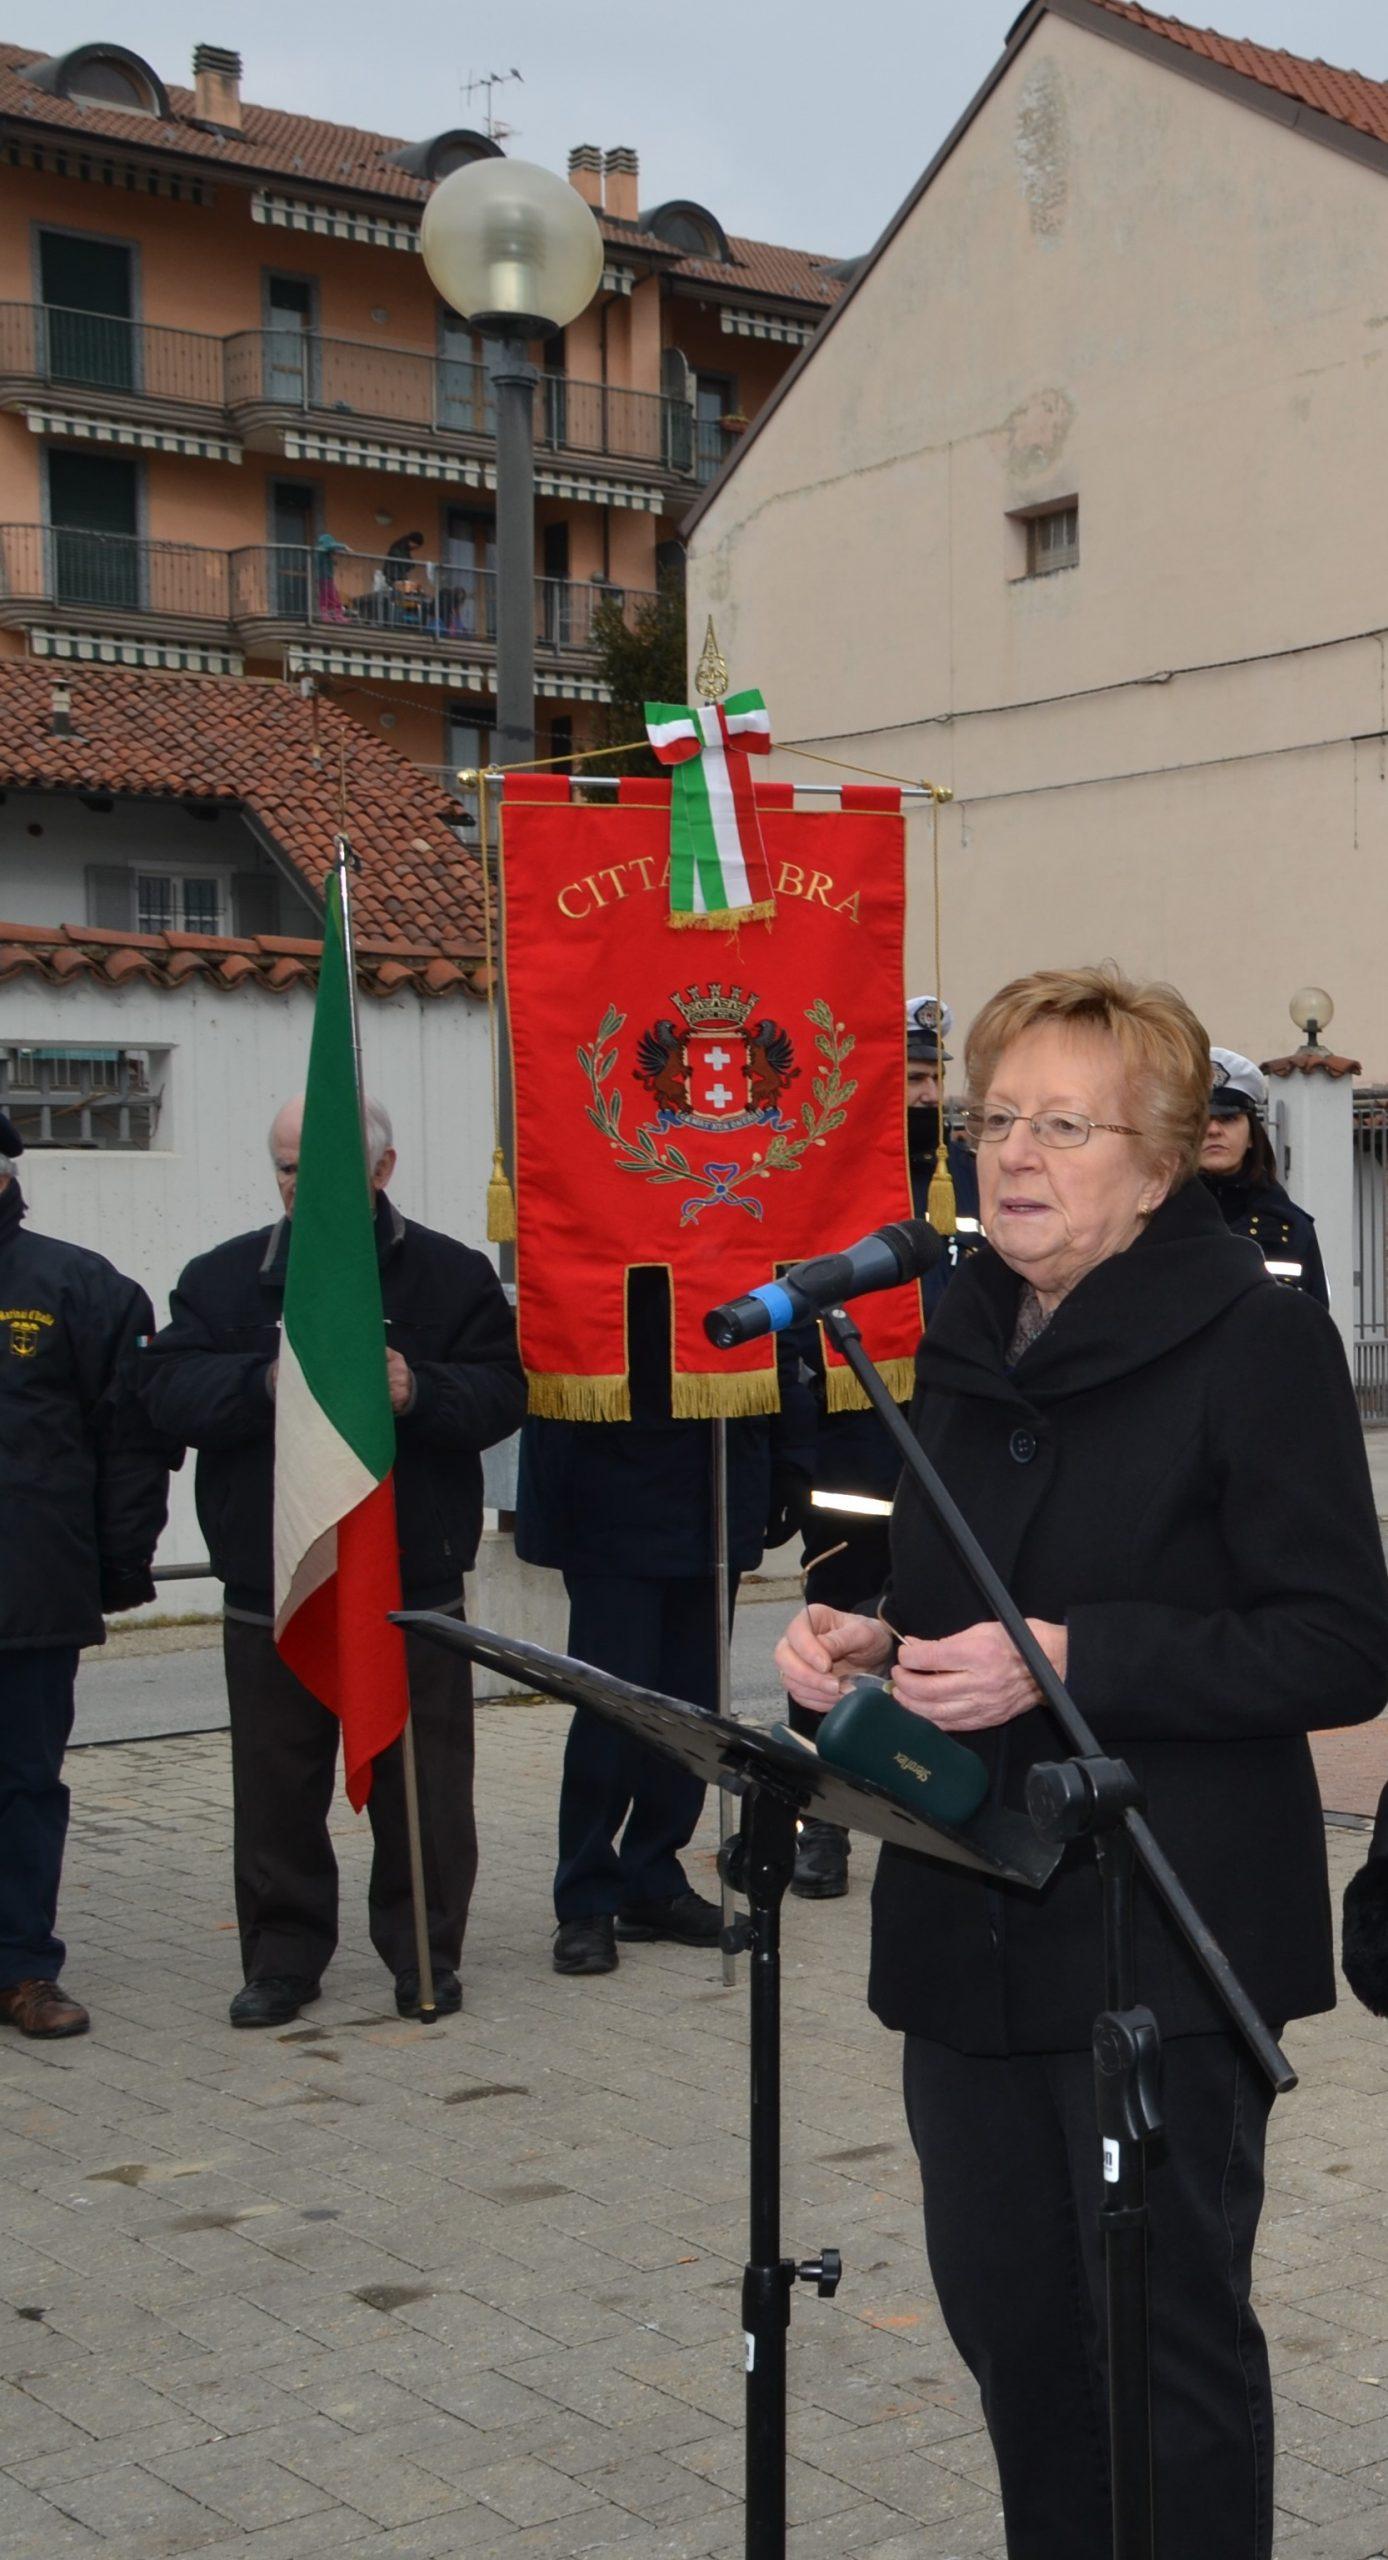 Lunedì 10 febbraio a Bra si celebra il Giorno del Ricordo: messa e commemorazione in ricordo delle vittime delle foibe